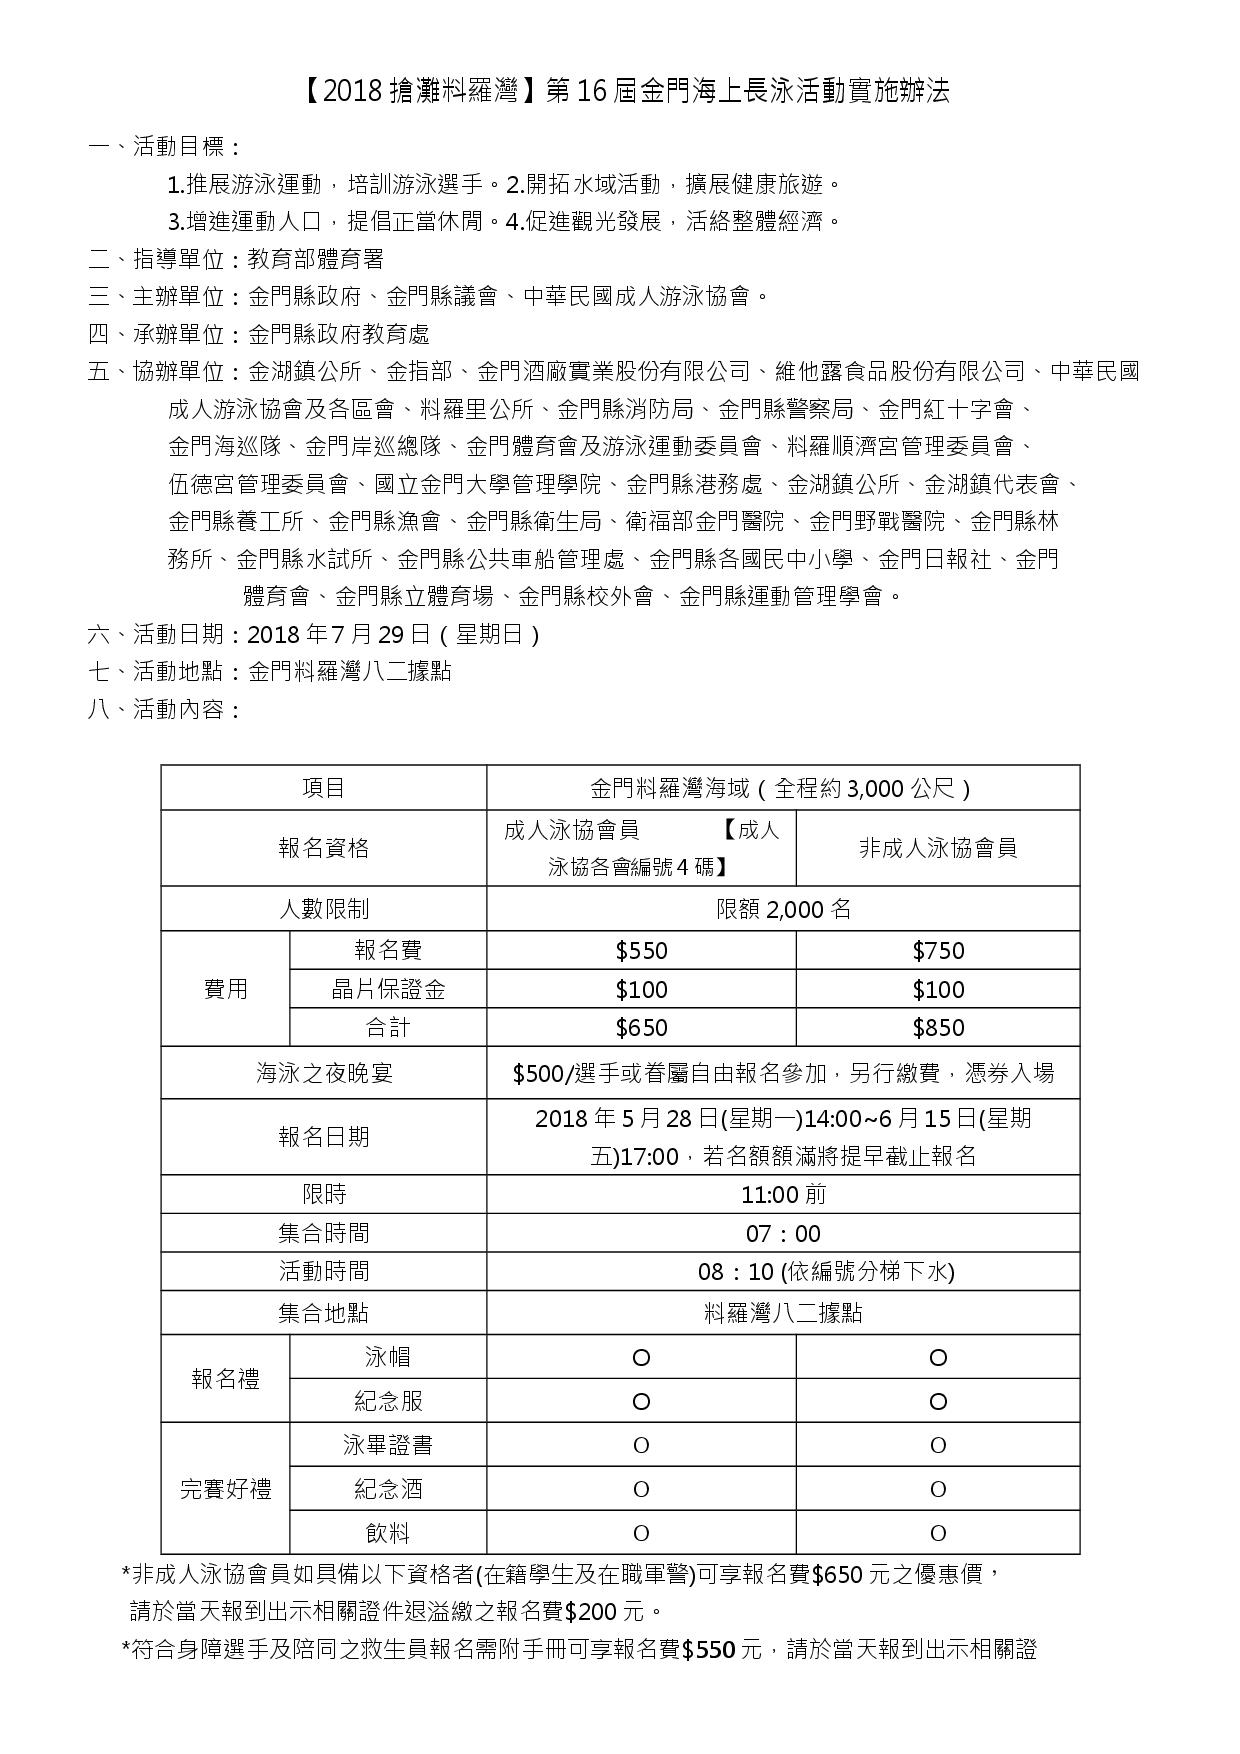 2018搶灘料羅灣活動辦法